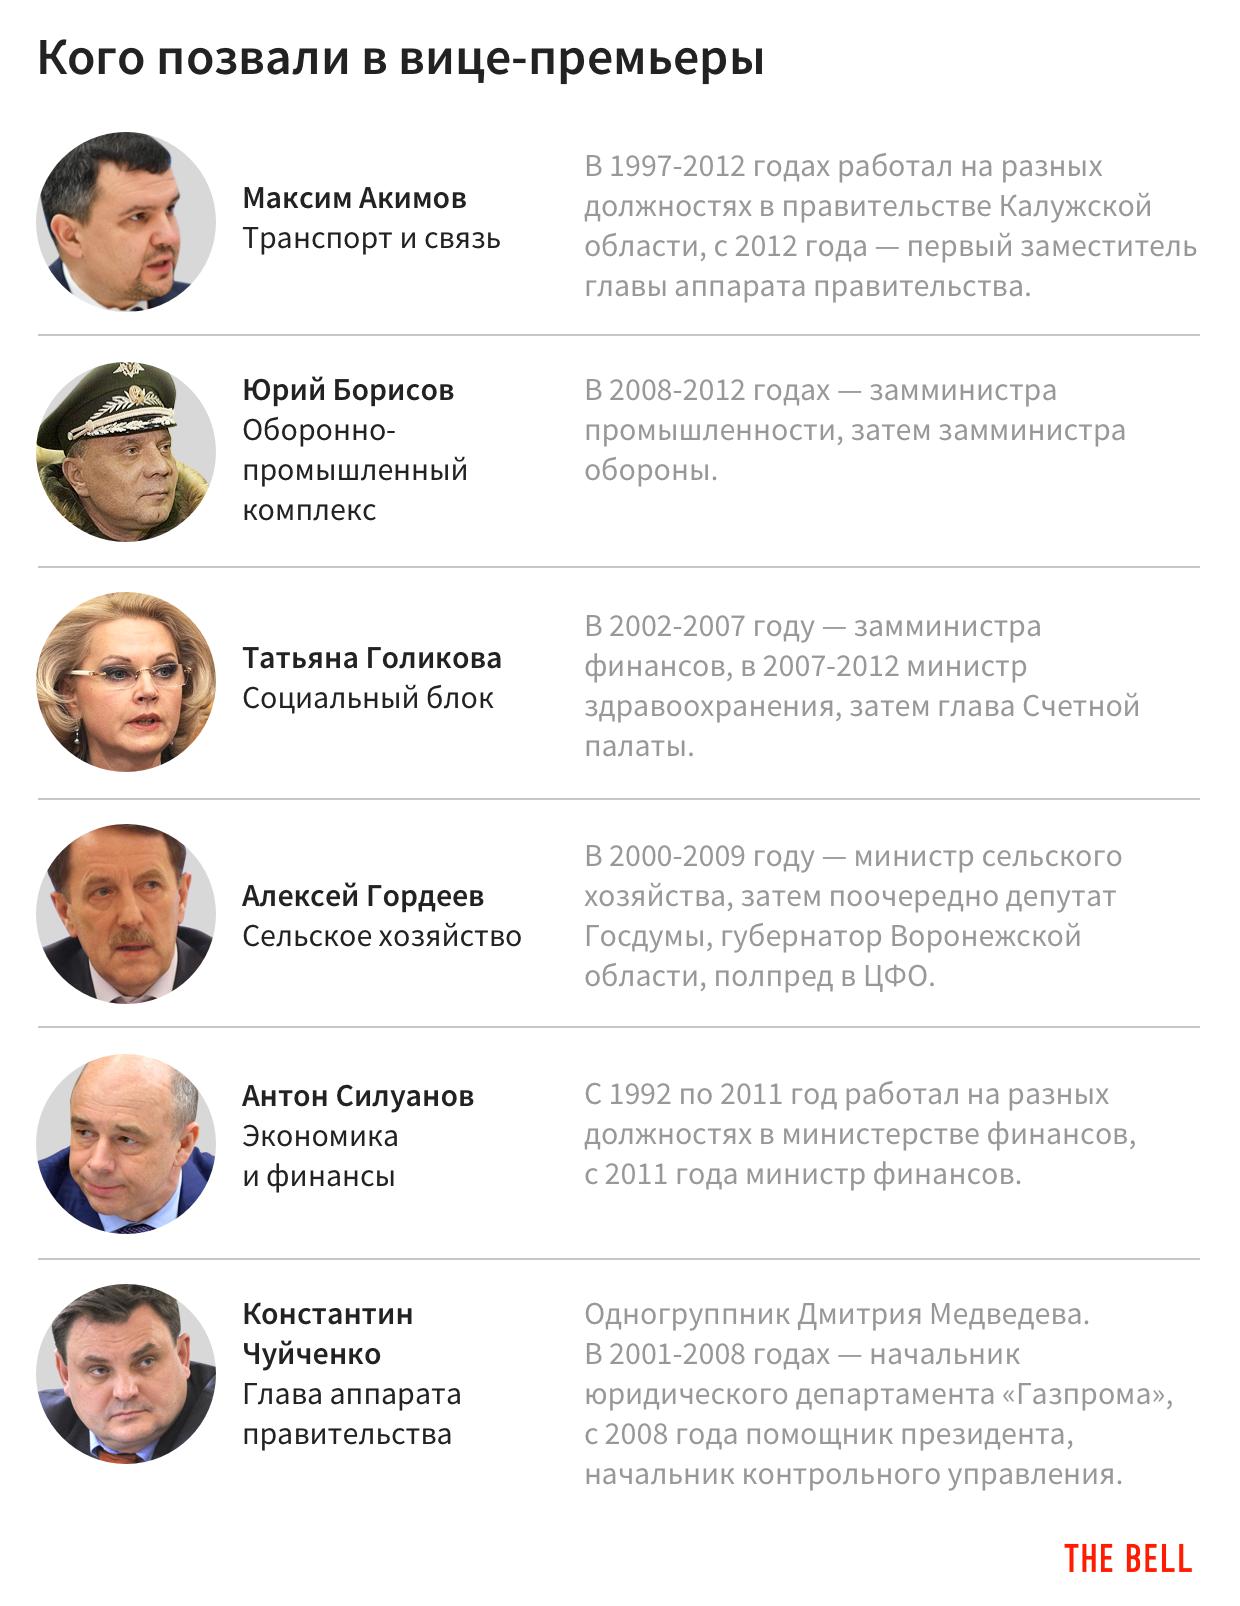 Д. Медведев начал работу в руководстве с поднятия пенсионного возраста